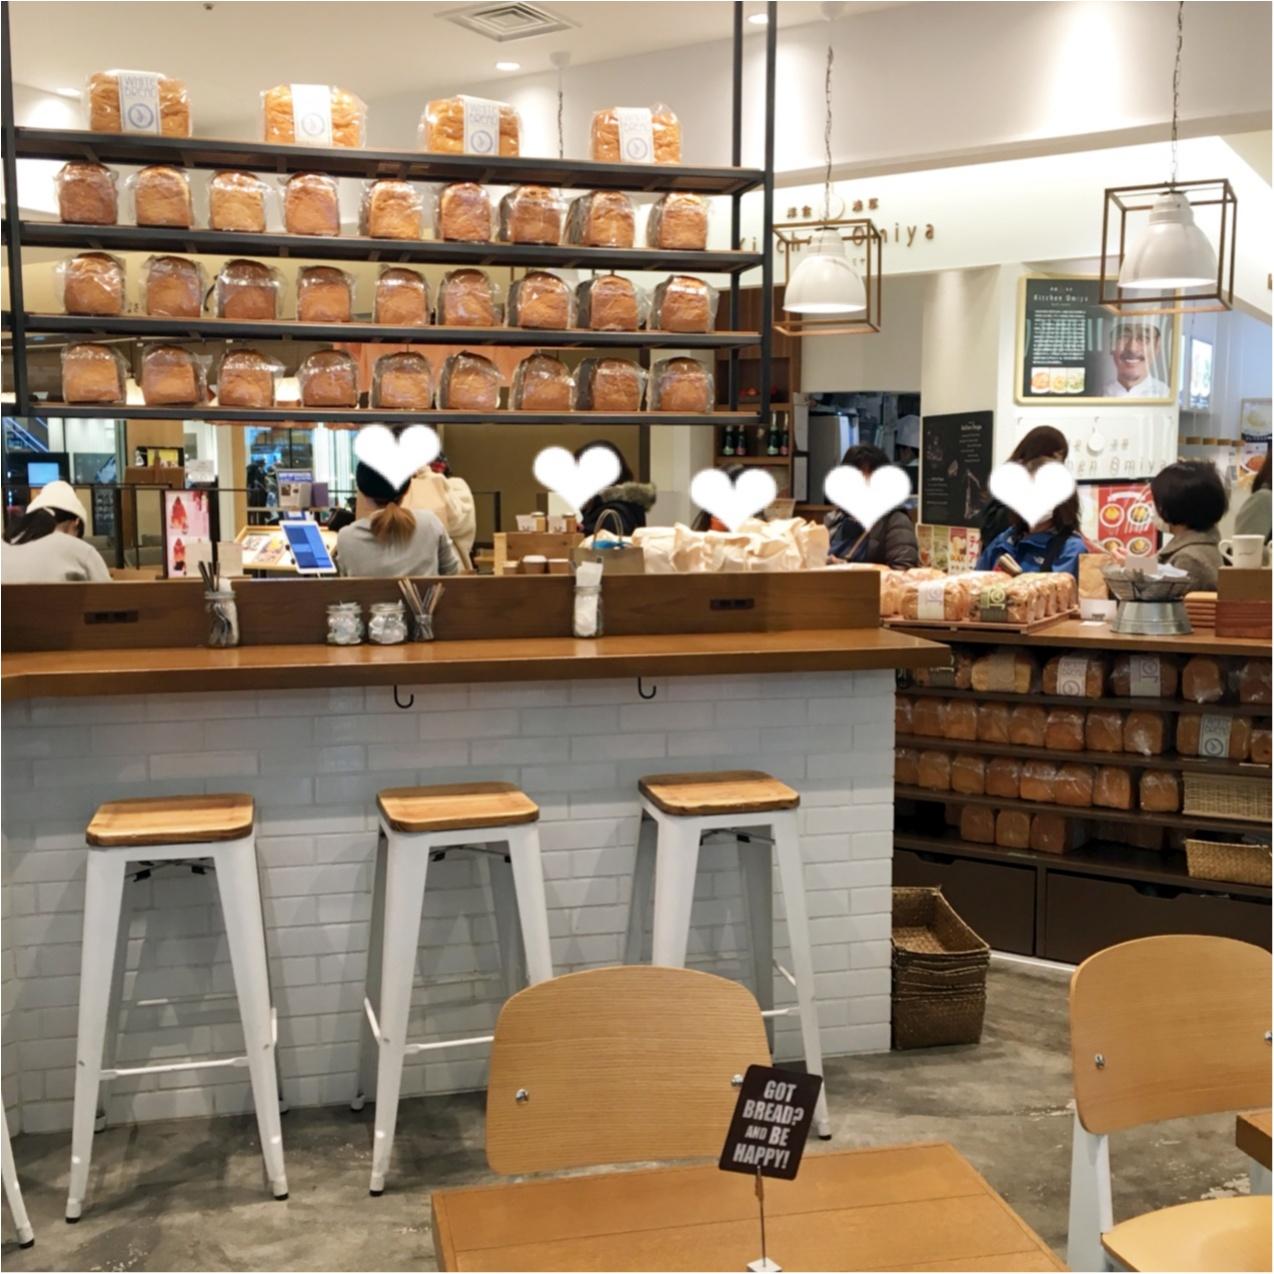 《 私のカフェめぐり♪ 》あんこ×バターの甘いハーモニー♡  Le BRESSO(レブレッソ)の至福のあんバタートースト♡♡_1